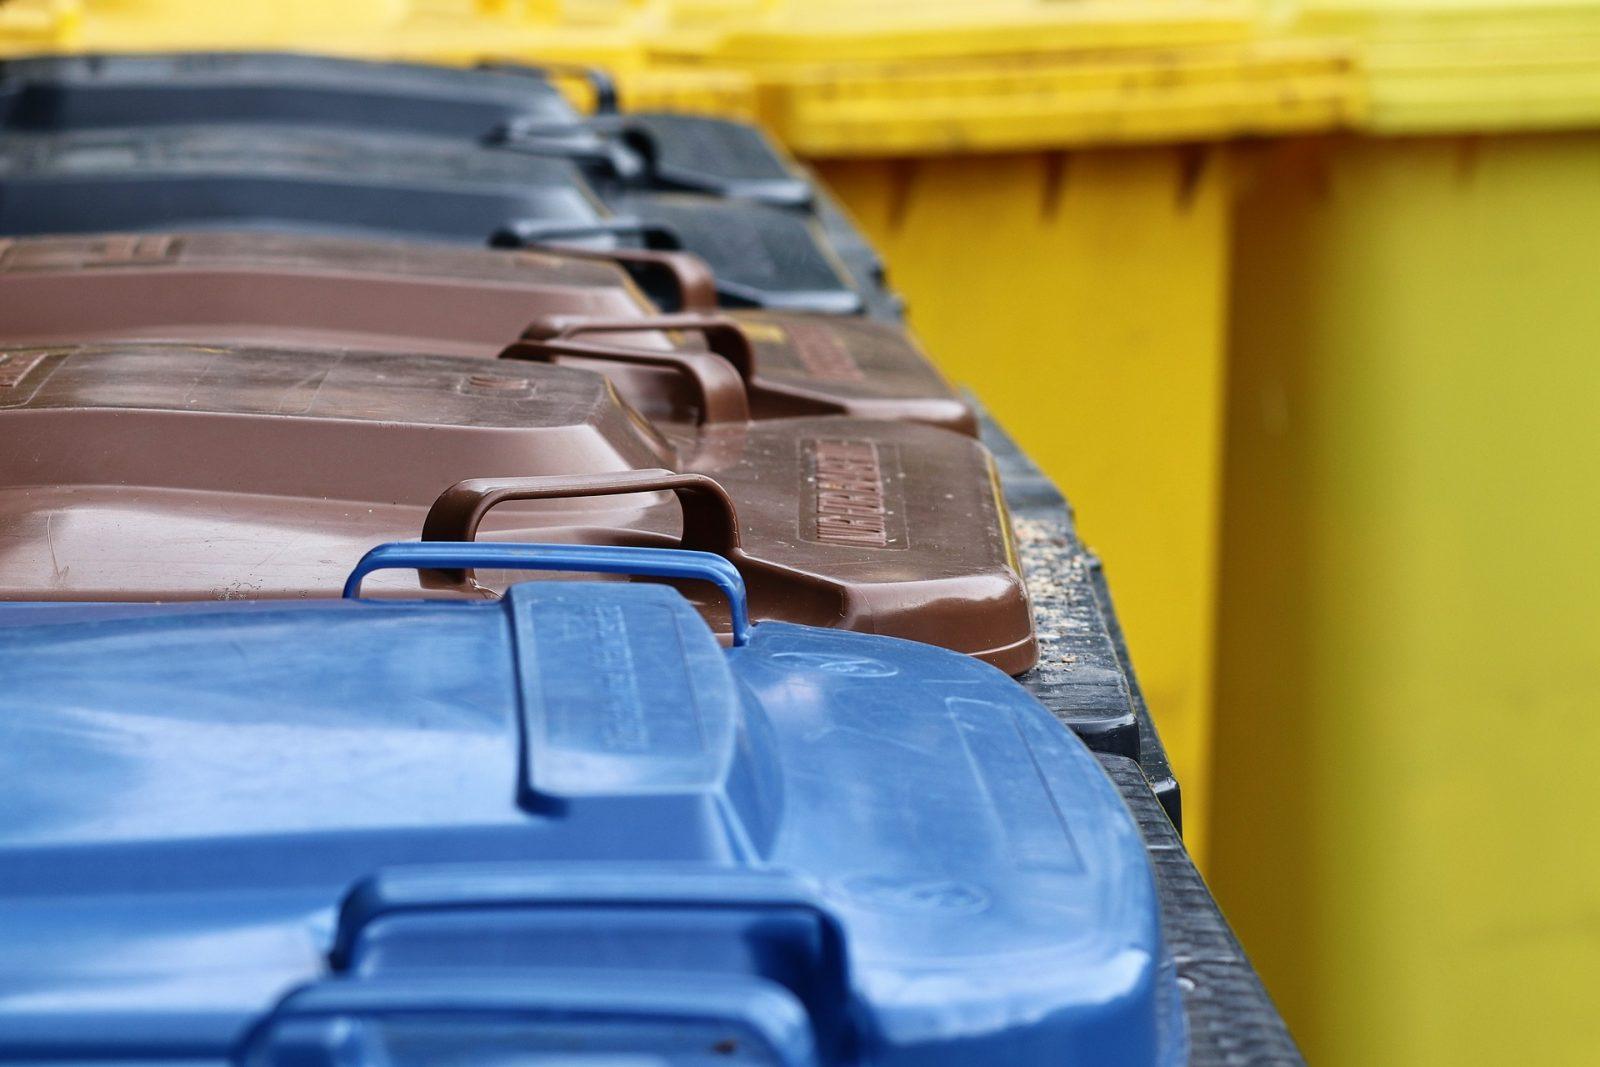 La MRC de Sept-Rivières lance une campagne pour encourager les entreprises à recycler